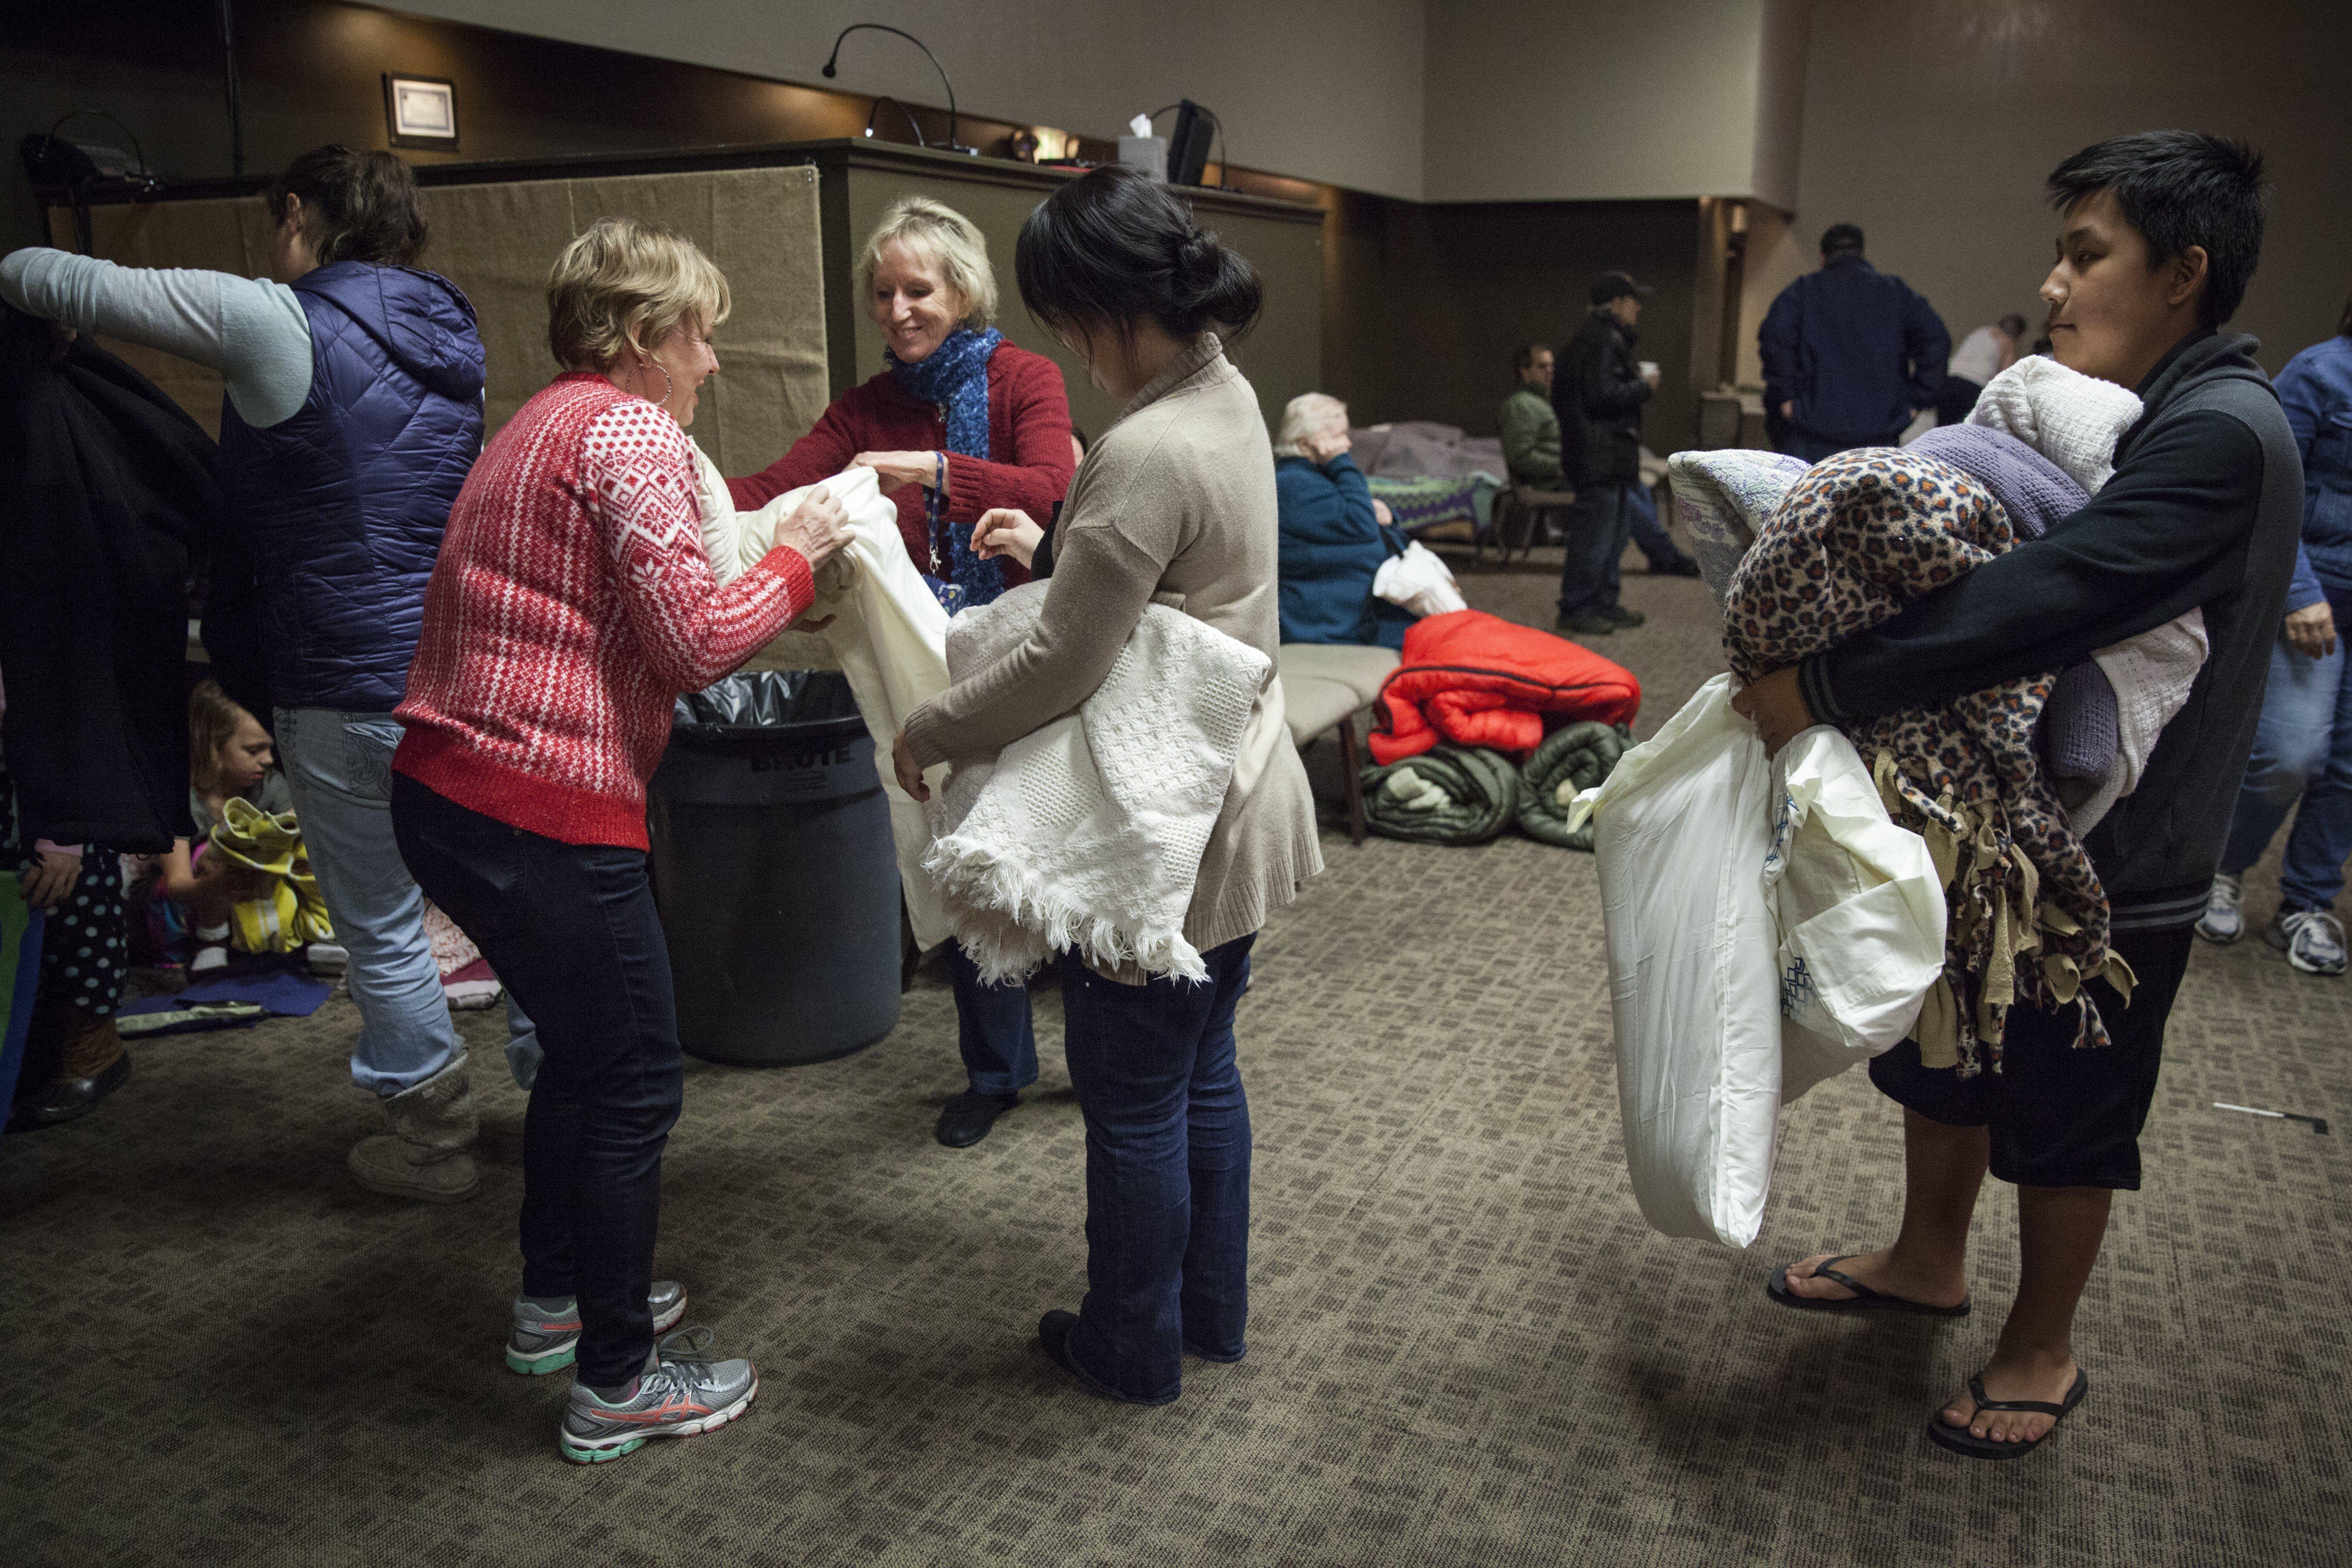 Voluntarios reparten mantas entre los vecinos en un centro de evacuación en el barrio de Church of Chico, en Chico, California (Foto: EFE)